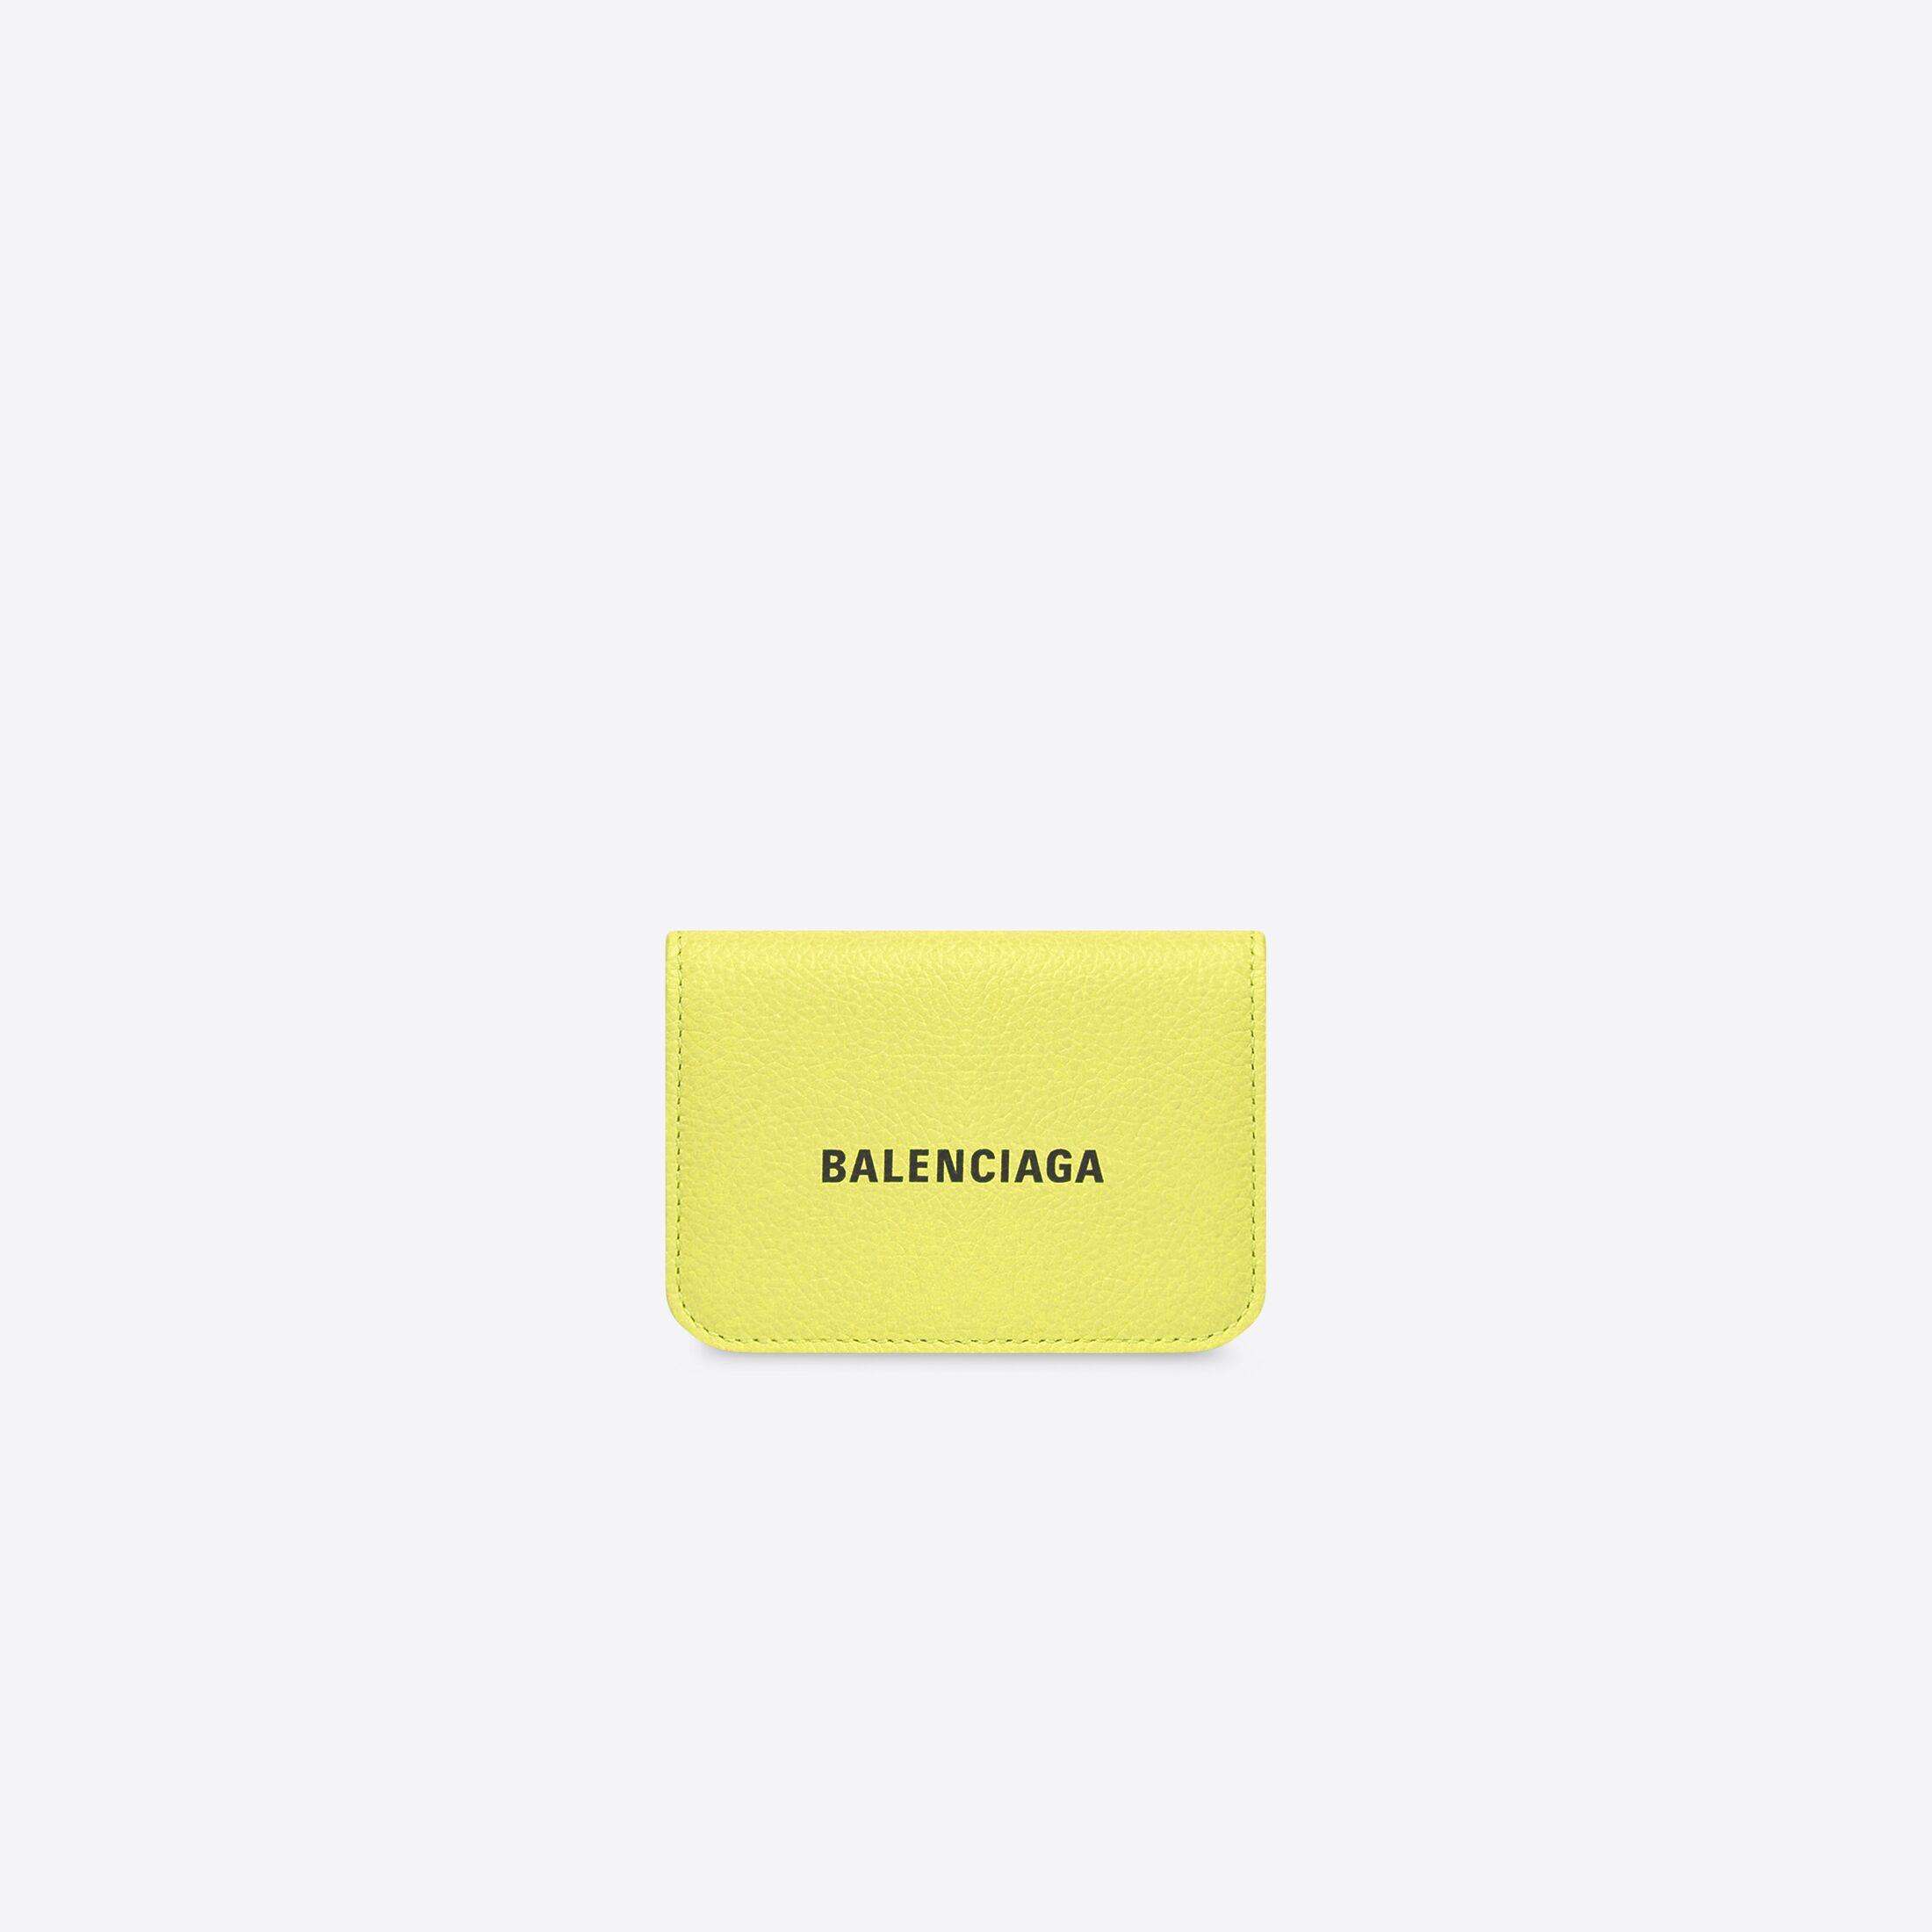 30代の女性の定番バレンシアガ財布